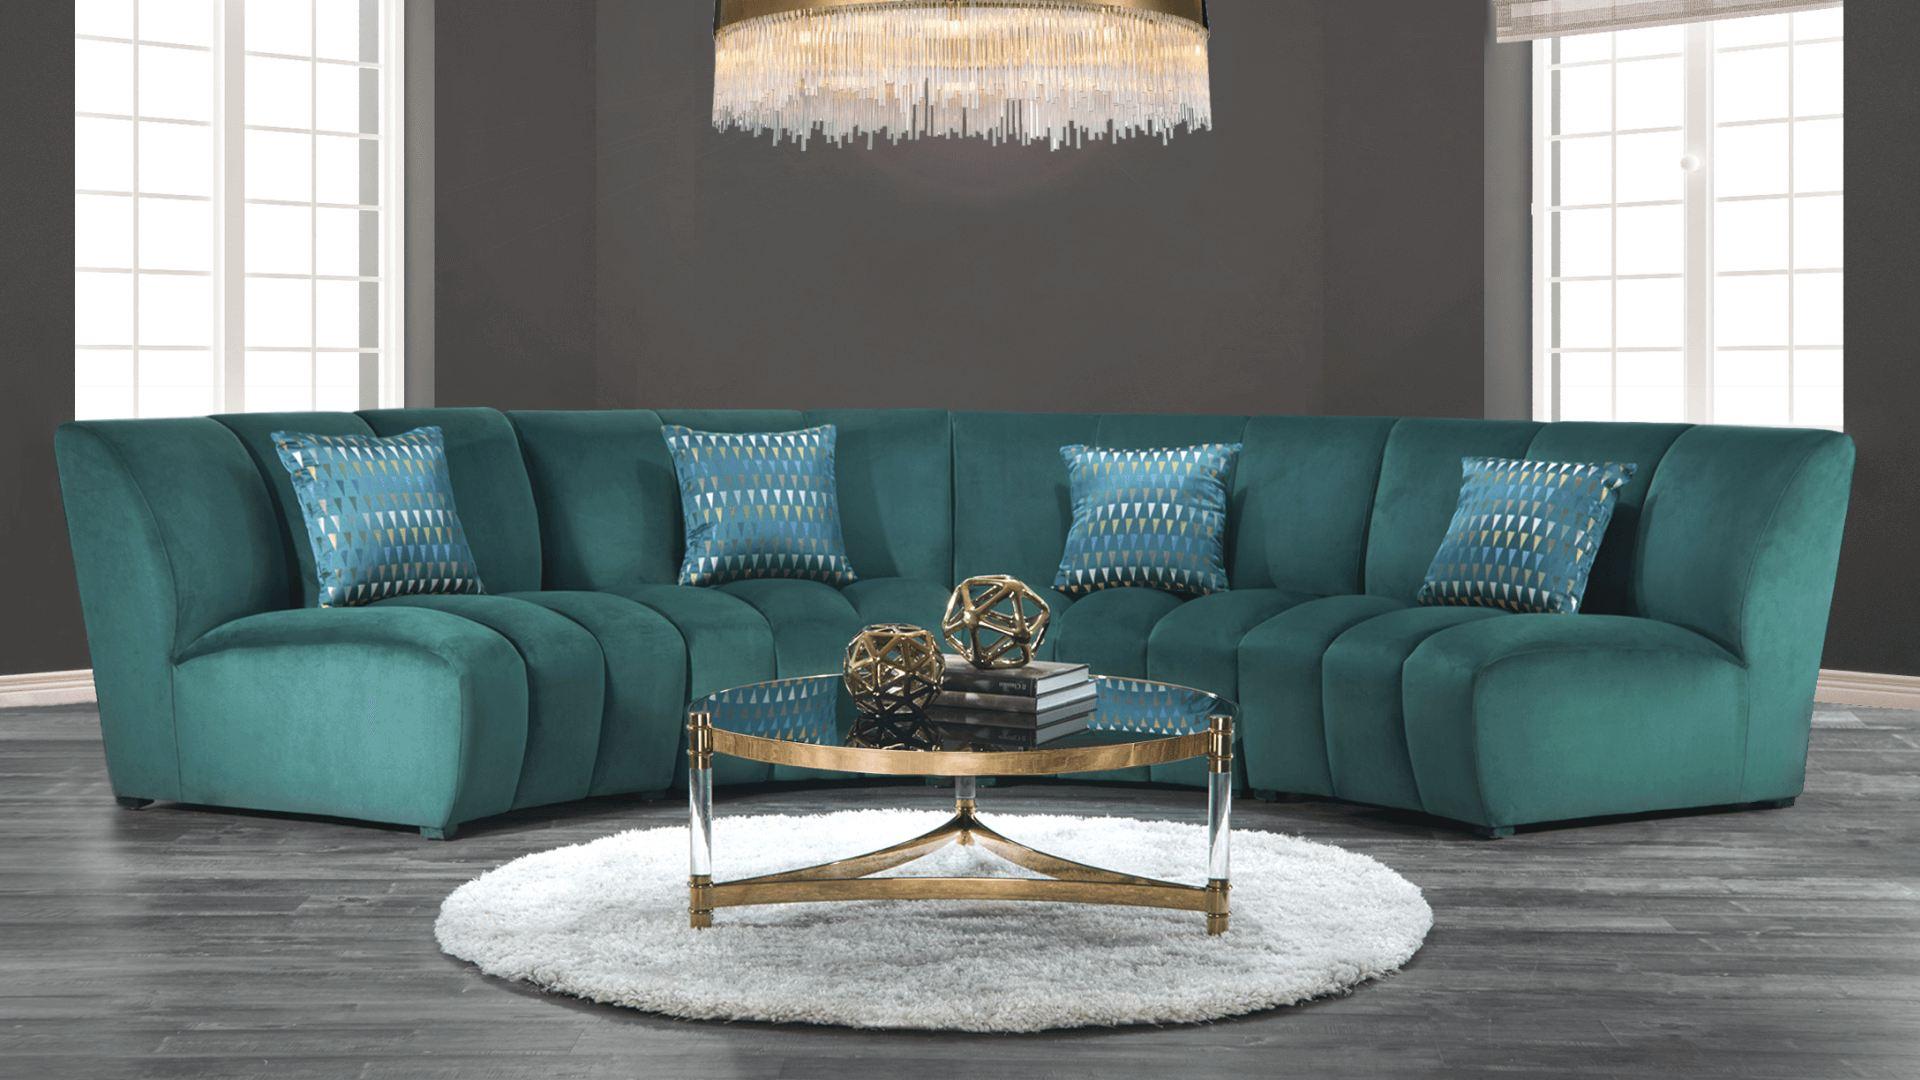 Allamoda Furniture Stylish Sectional